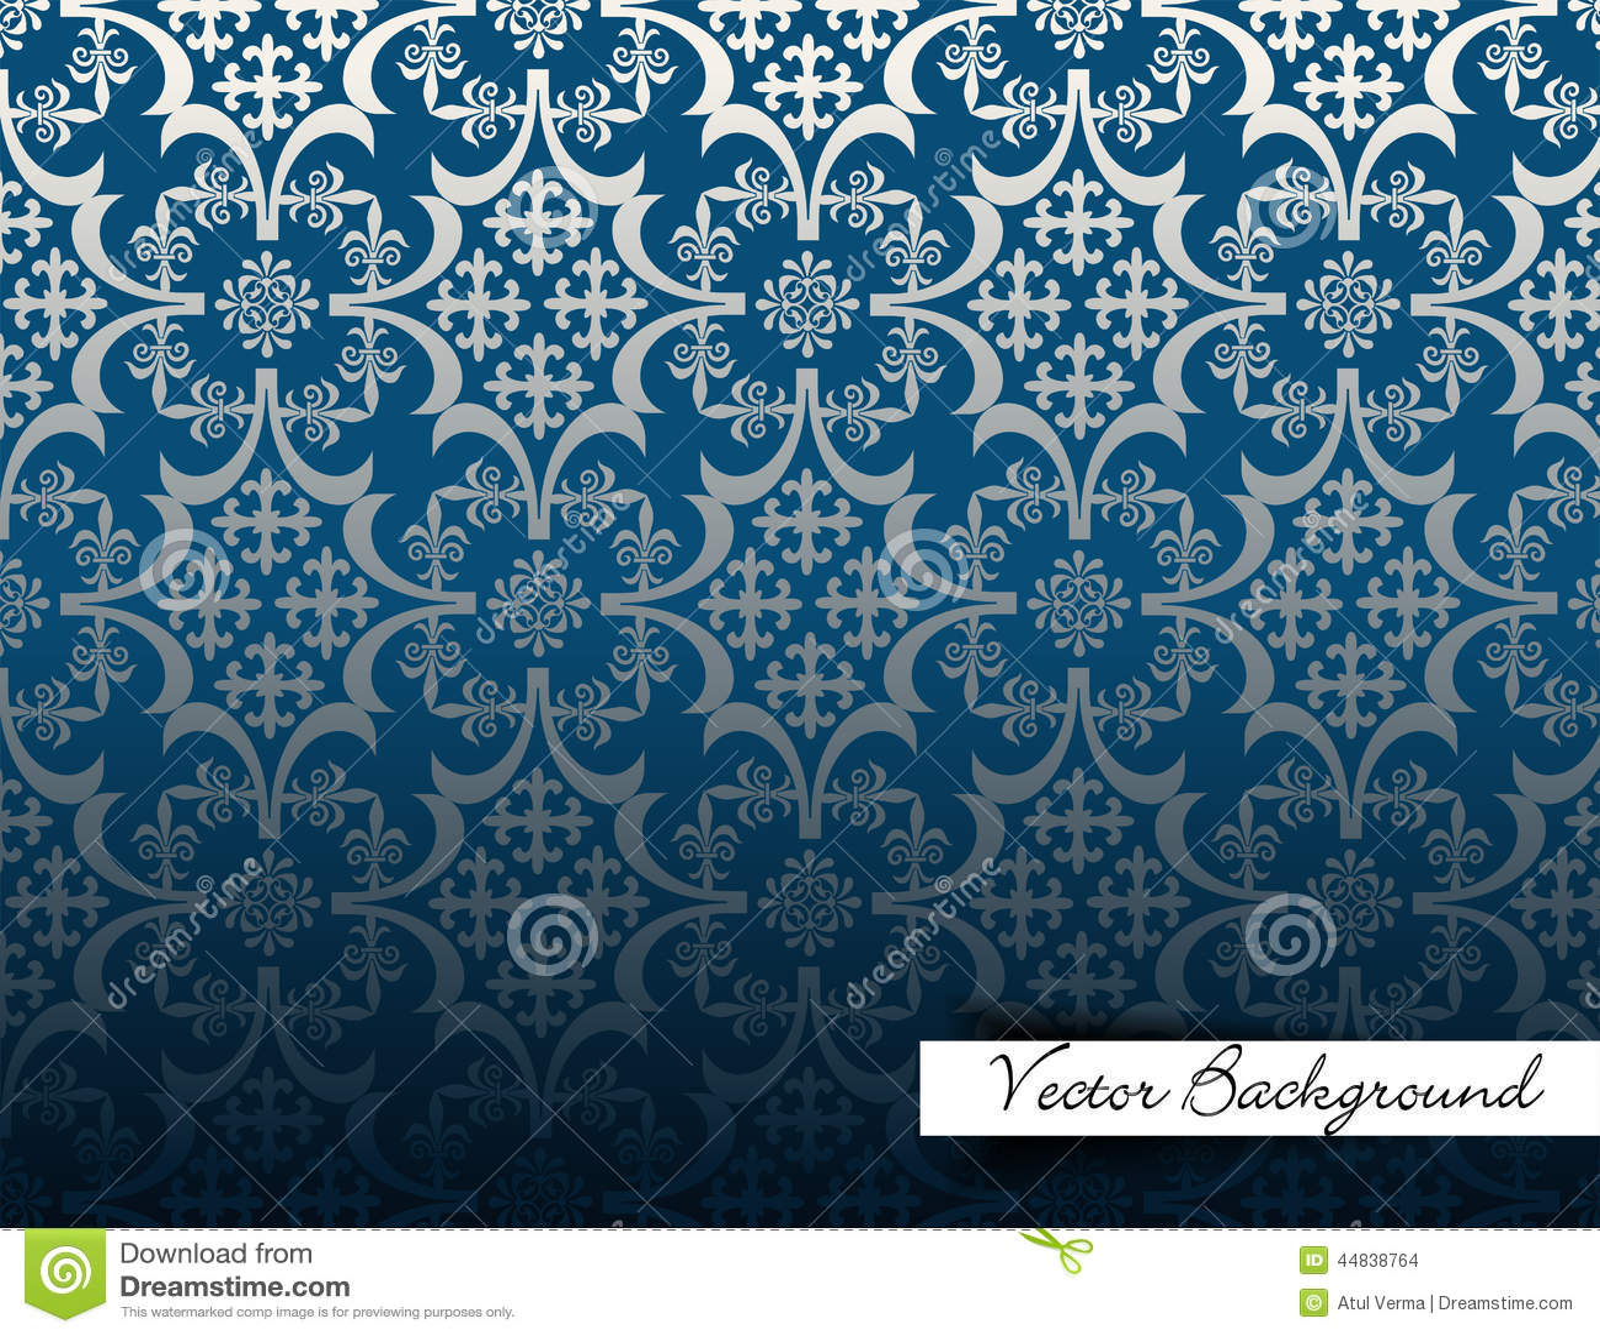 3d Damask Wallpaper Vintage Background Luxury Blue Design Background Pattern